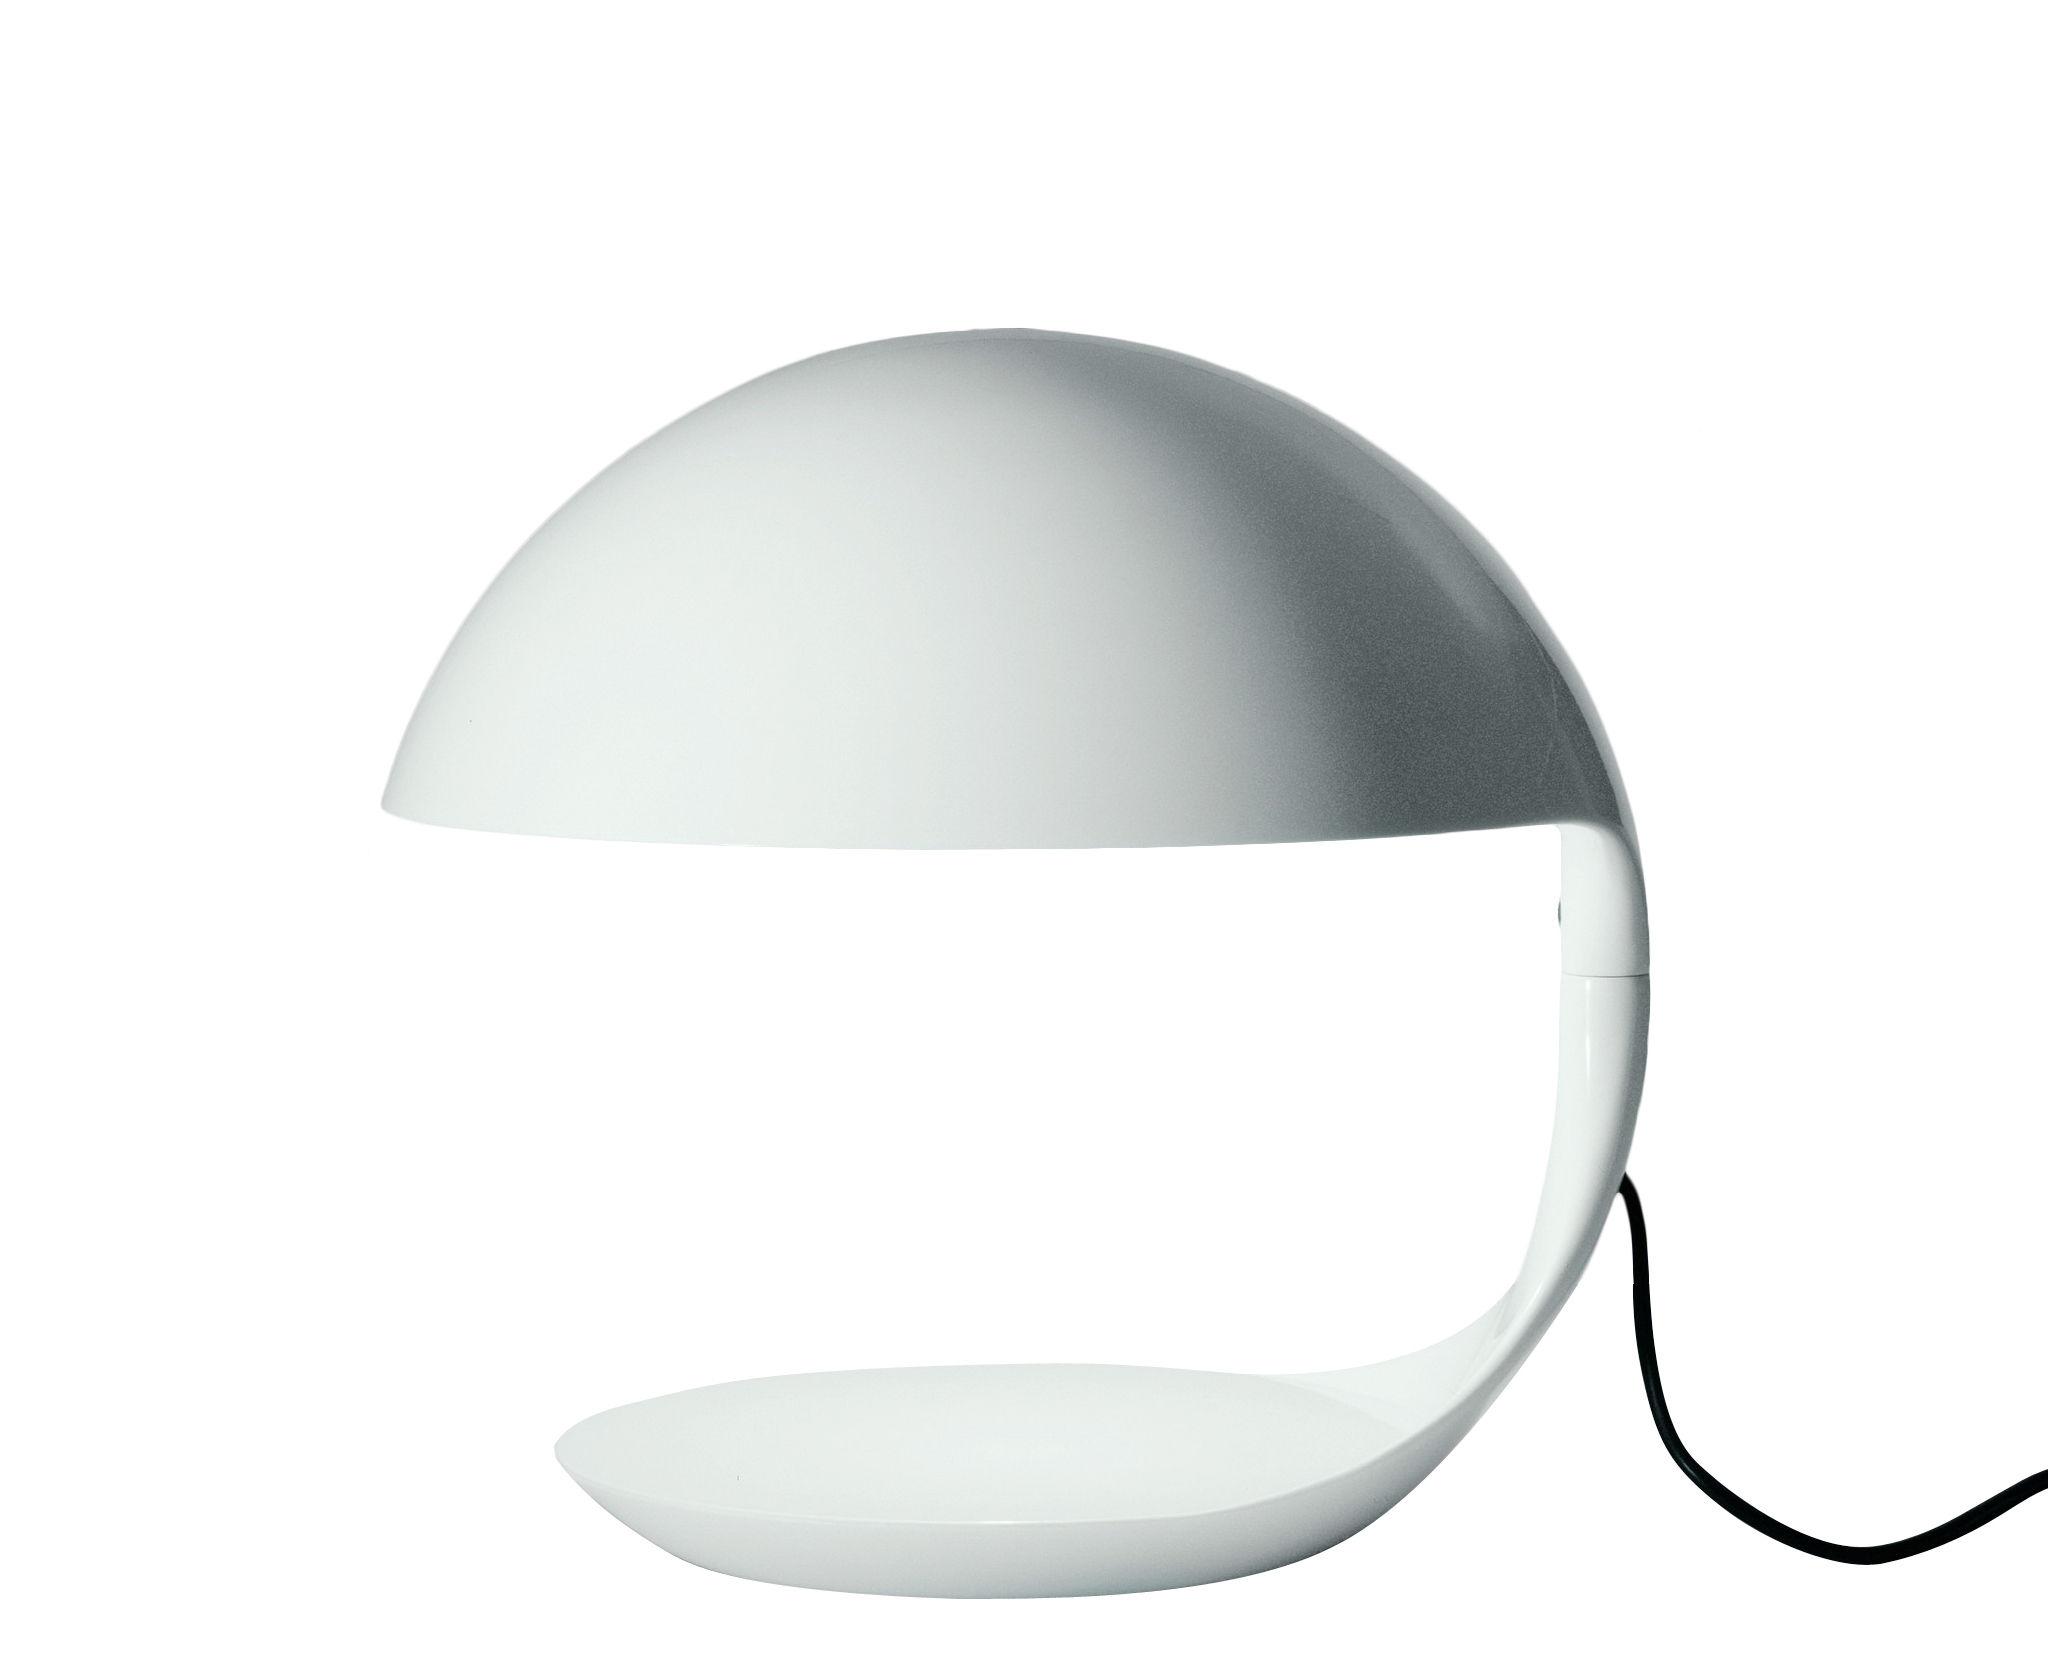 Leuchten - Tischleuchten - Cobra Tischleuchte - Martinelli Luce - Weiß - Harz